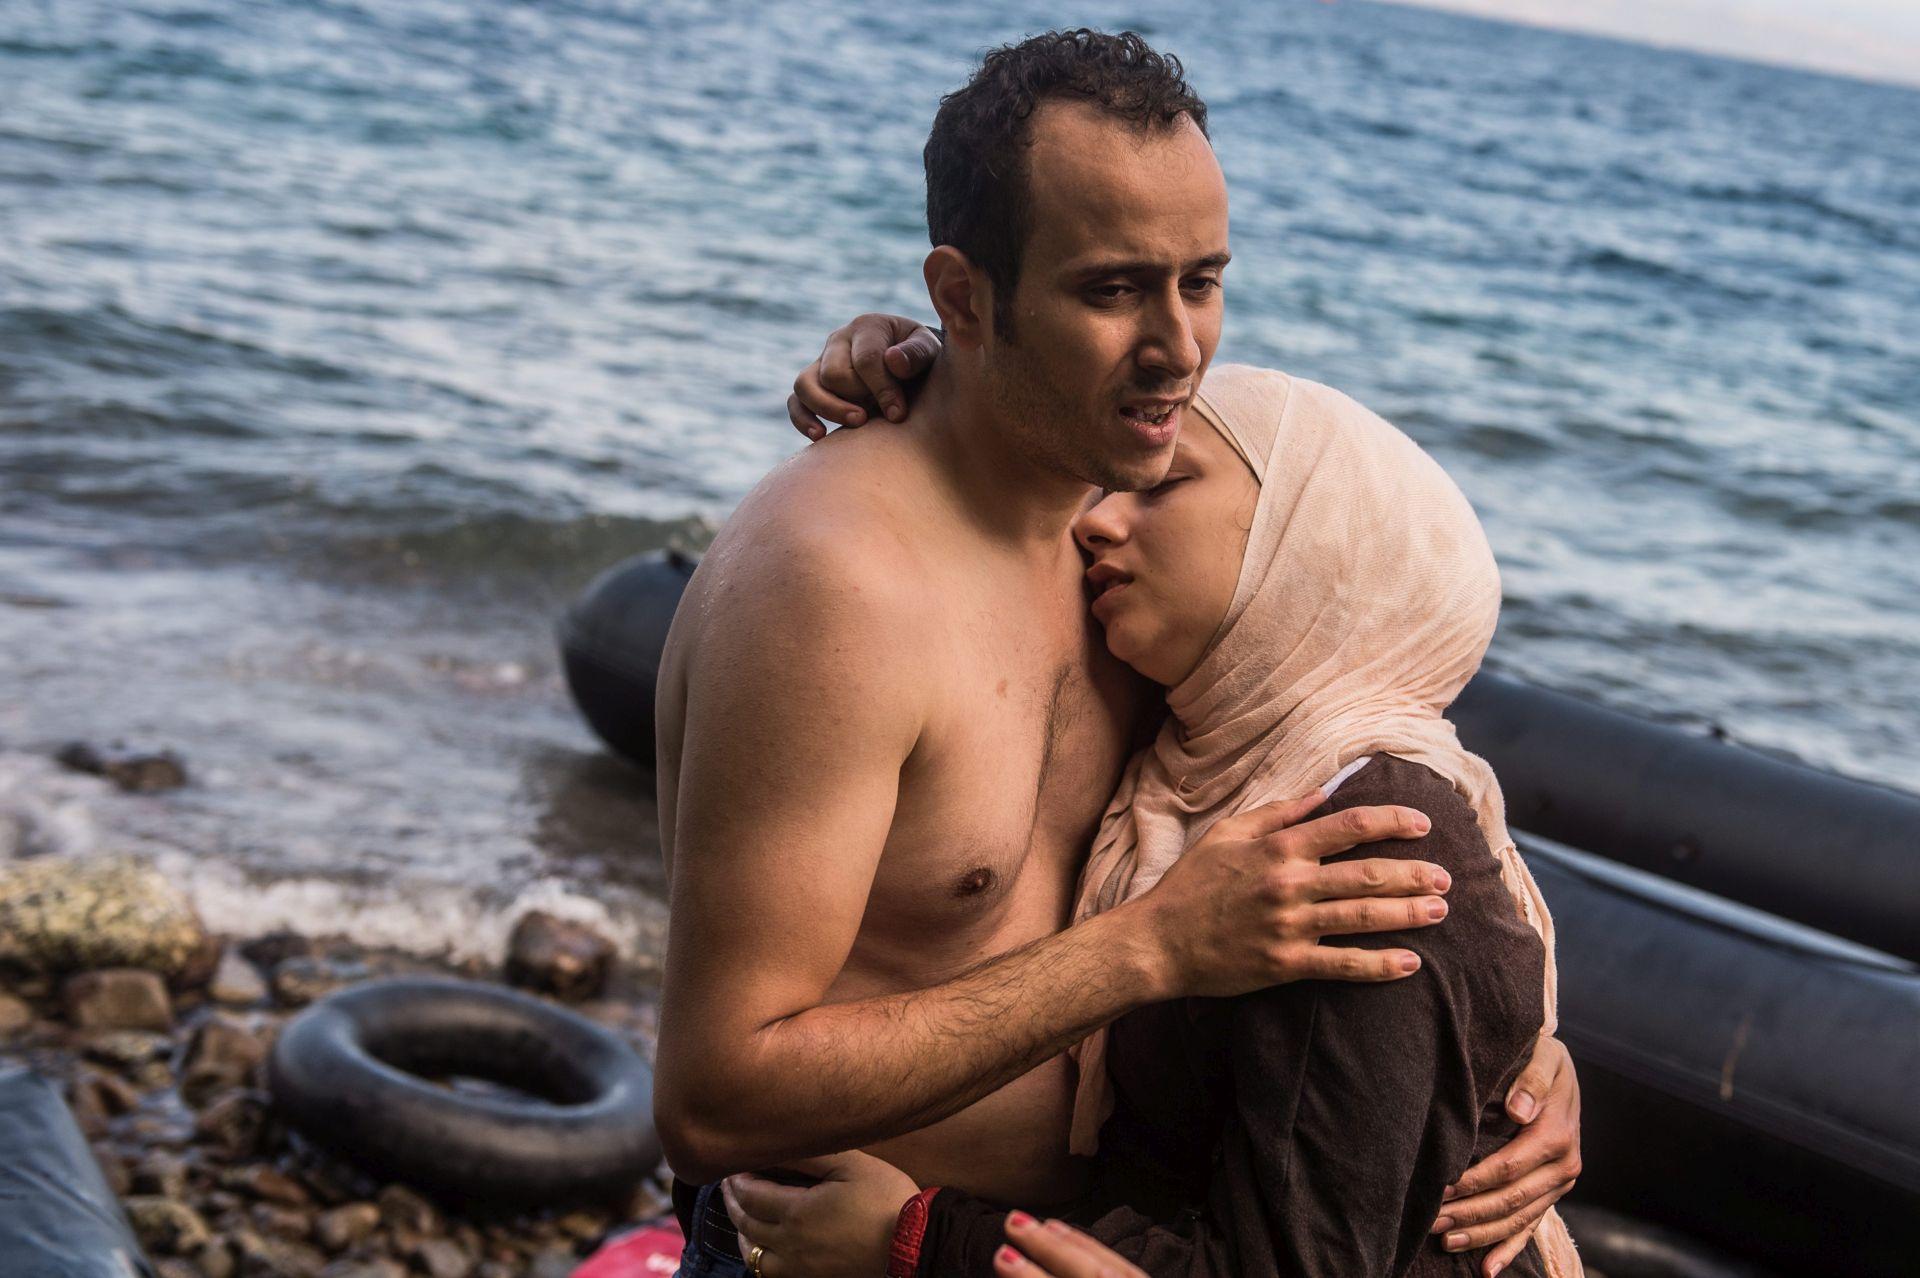 BORCI ZA LJUDSKA PRAVA: Trudne Sirijke nepoželjne u programu prihvata izbjeglica u Japanu